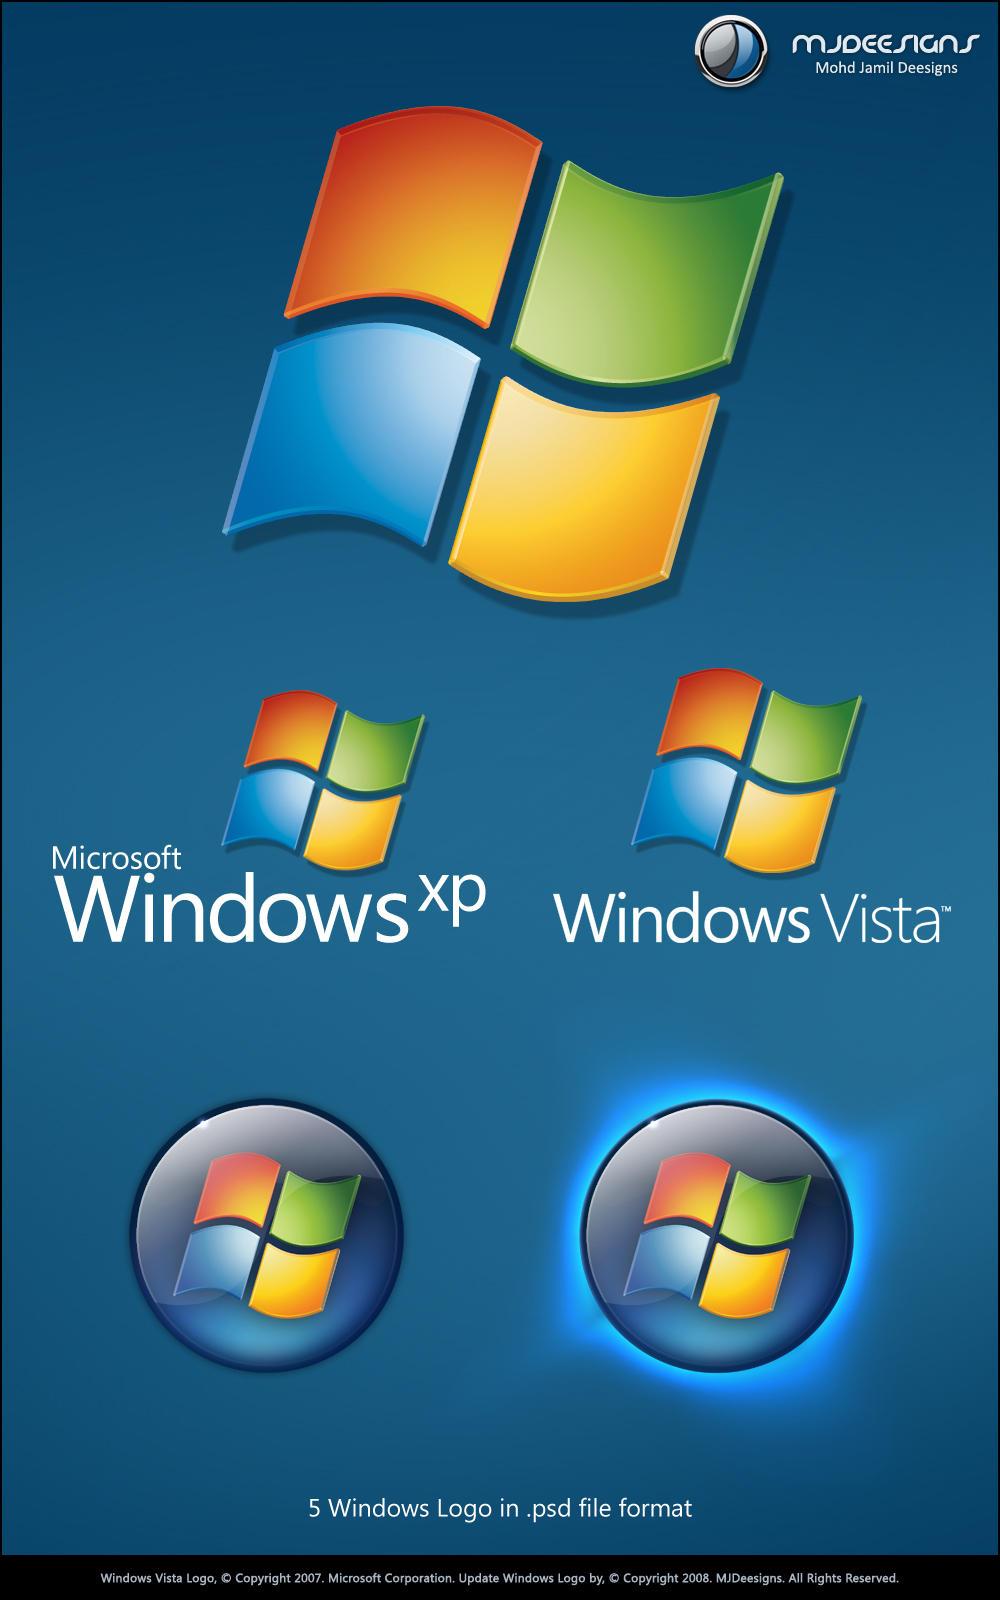 logos de windows xp: